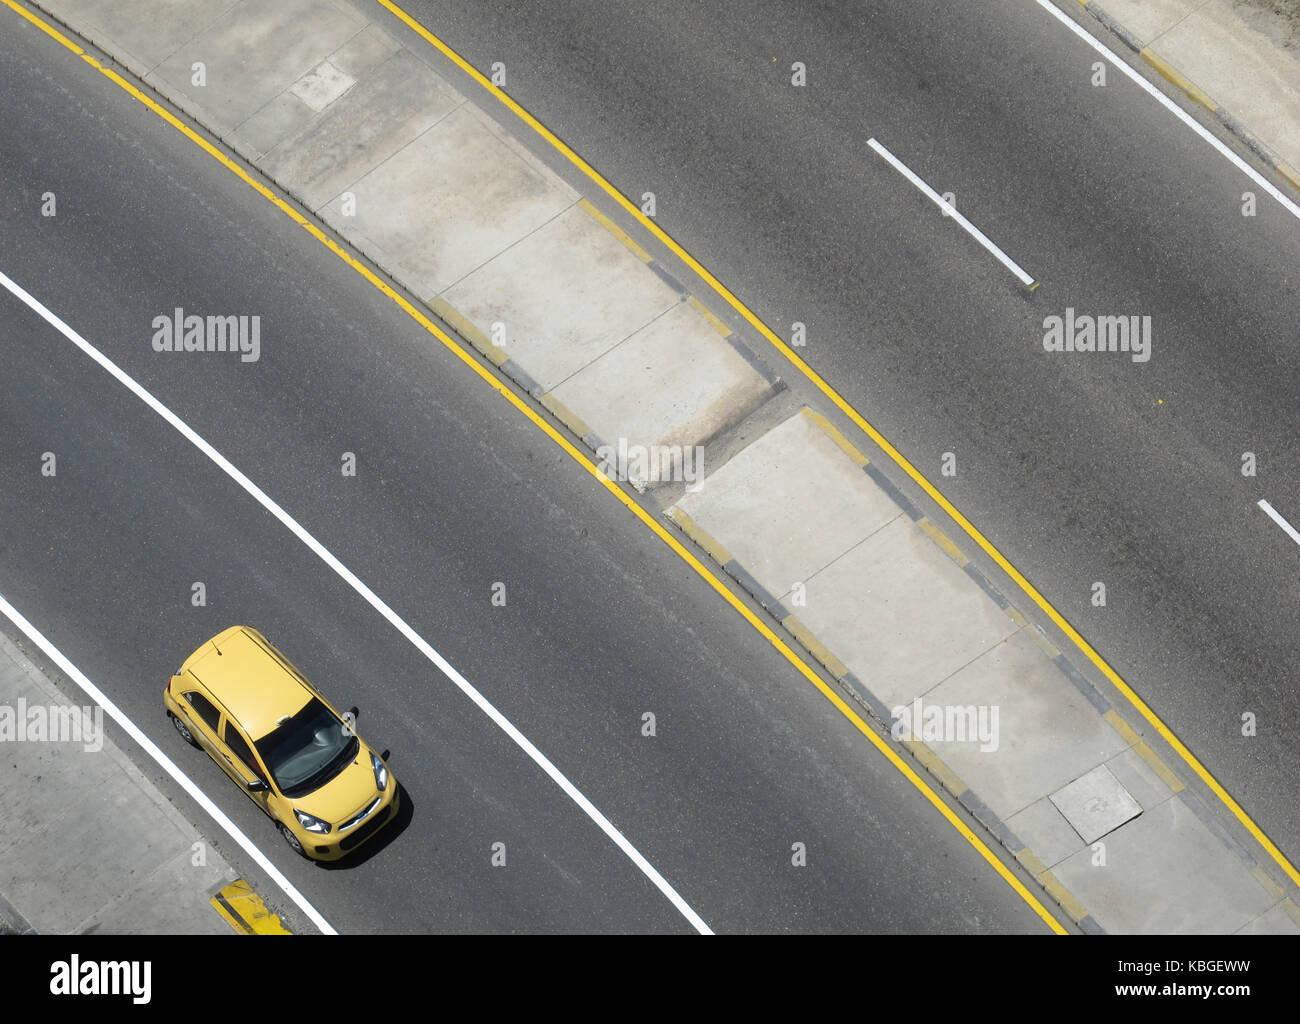 Vista aérea de una carretera vacía con un taxi amarillo Imagen De Stock